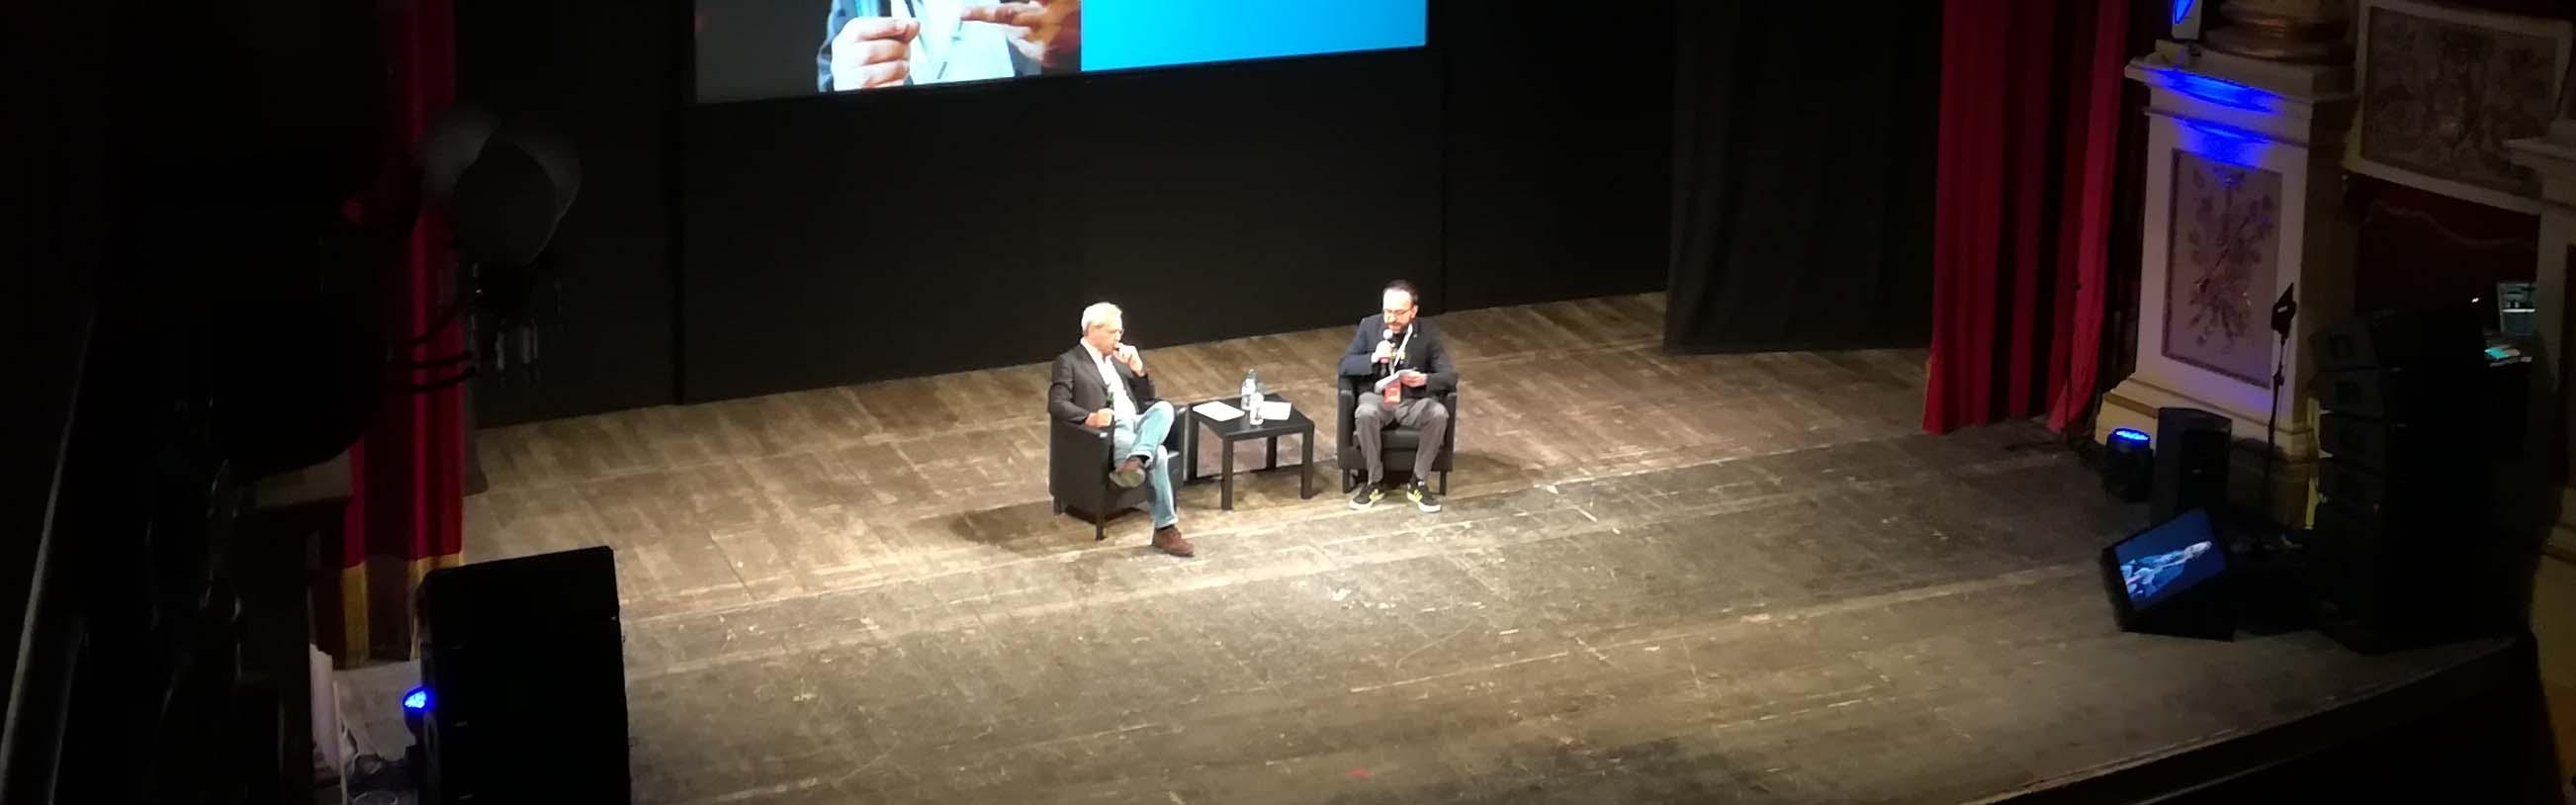 Al Festival del Giornalismo di Perugia, il coraggio di raccontare